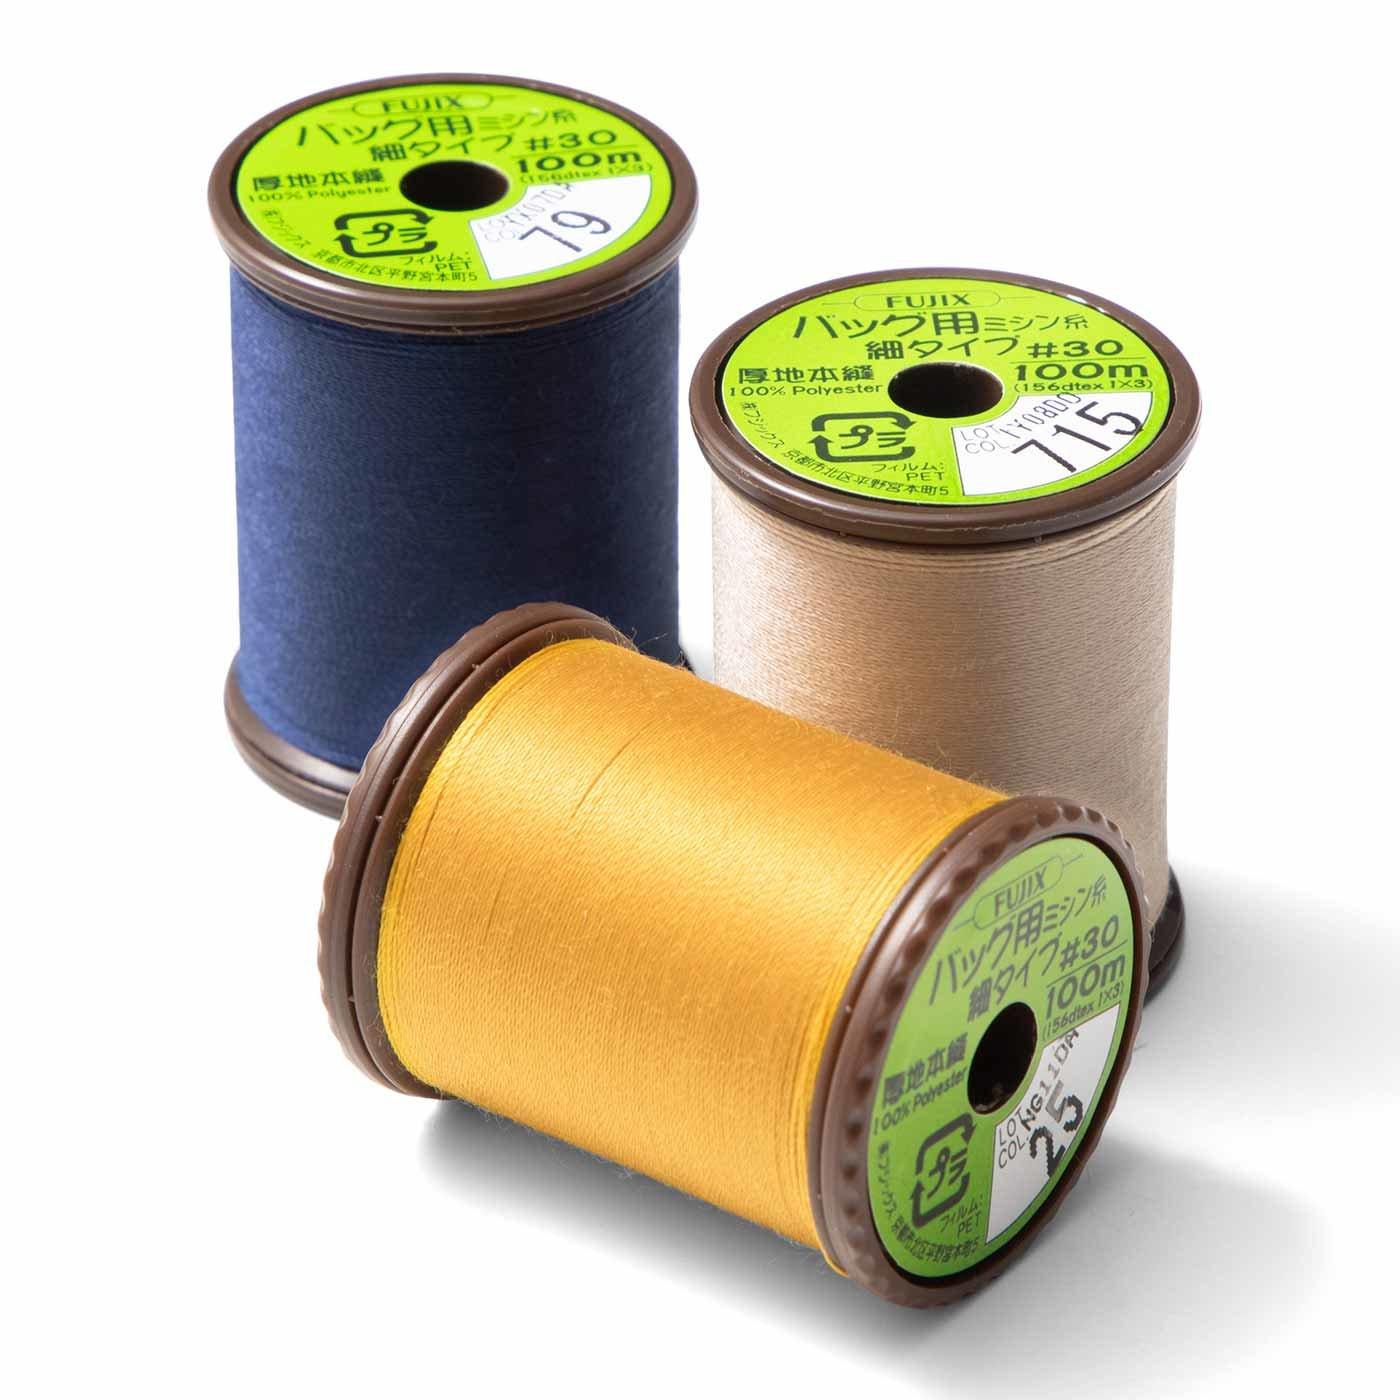 色もぴったり! バッグ専用ミシン糸セット